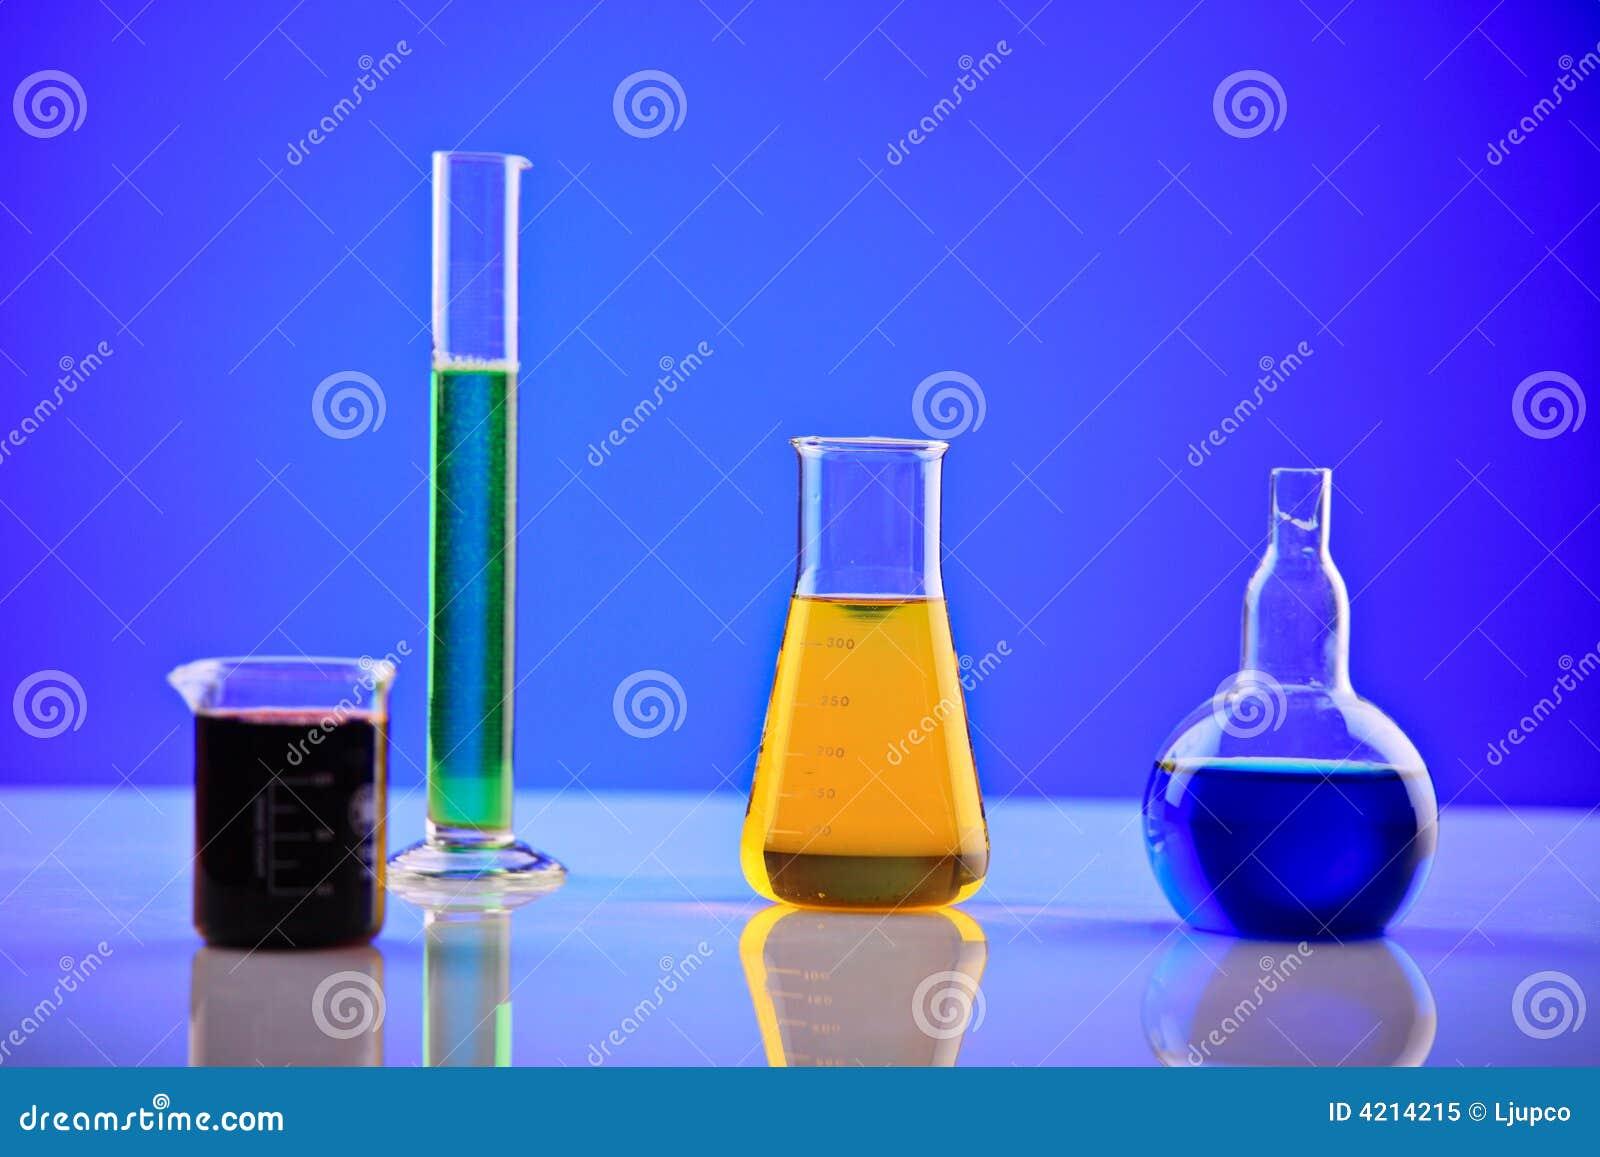 化学制品实验室